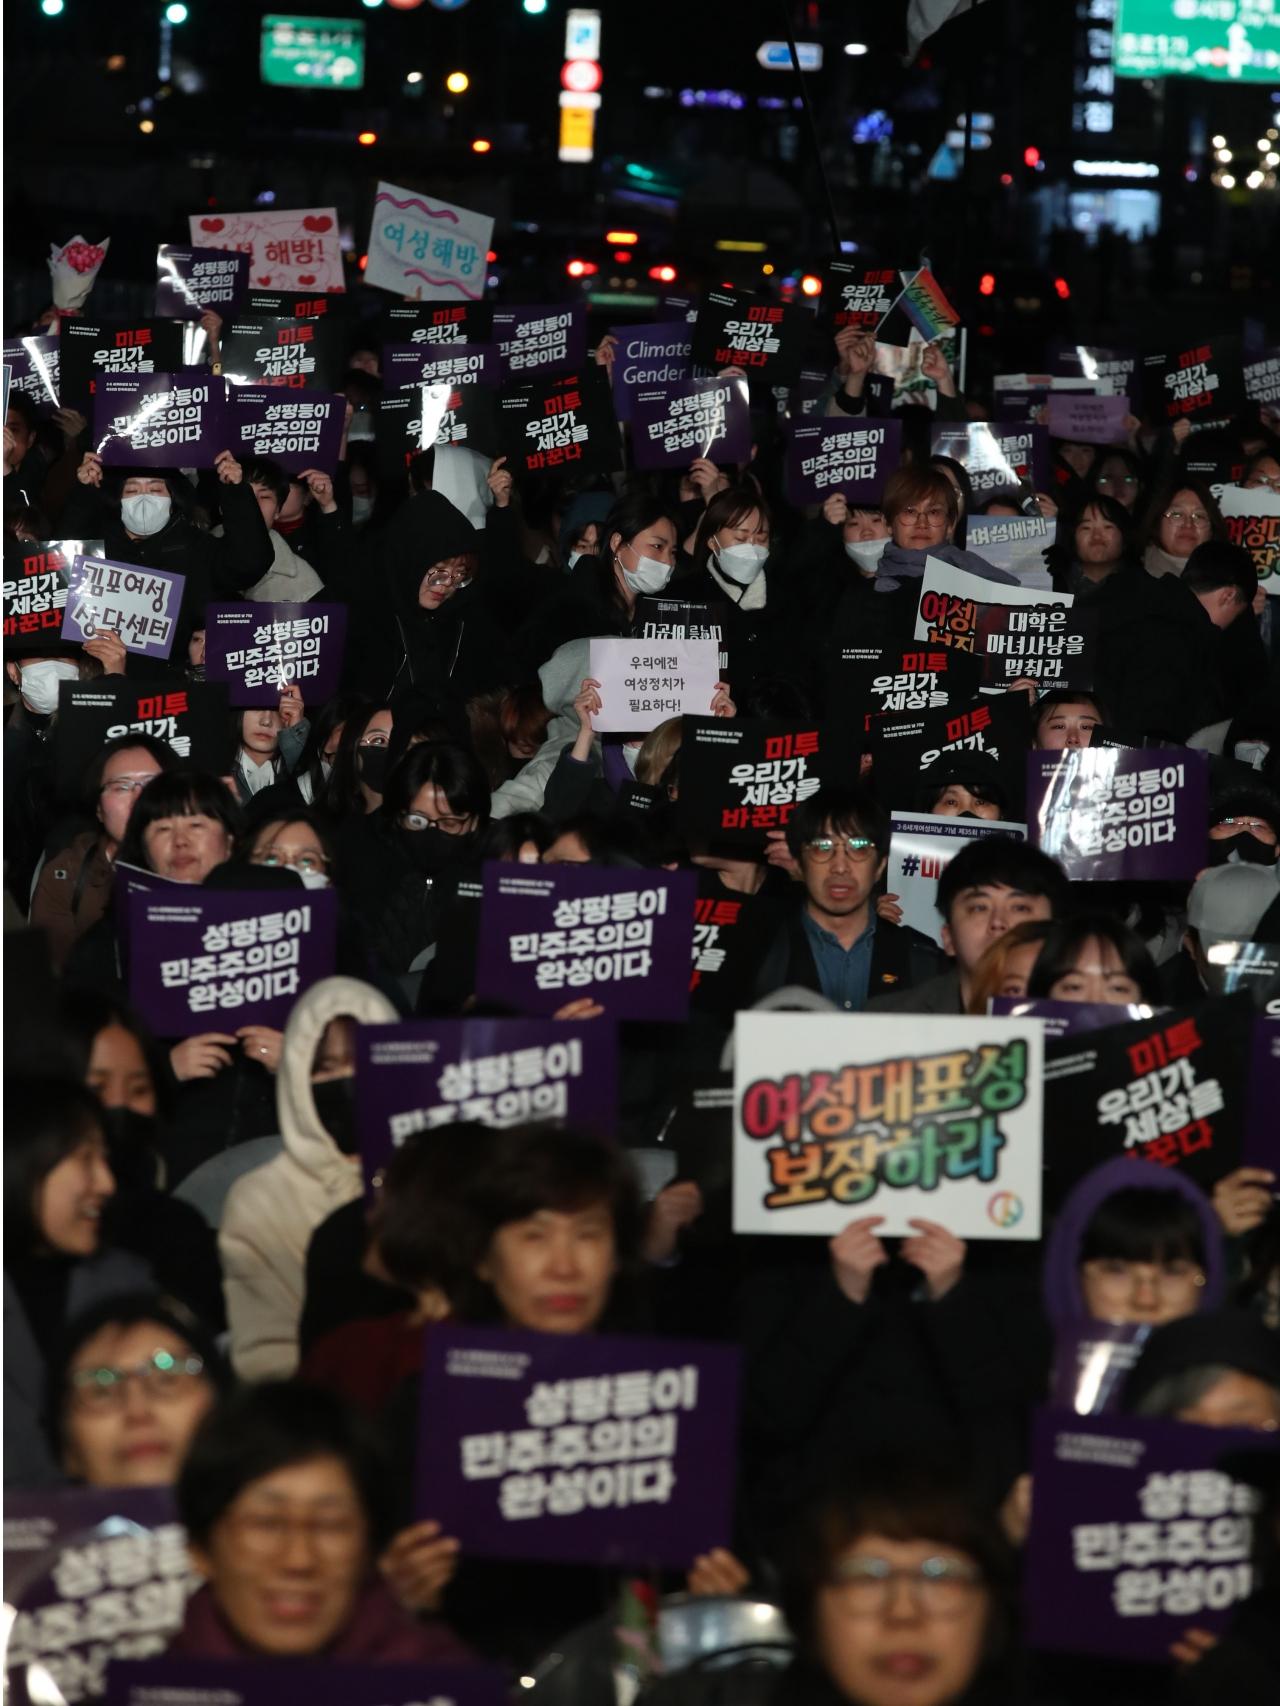 세계 여성의 날인 8일 오후 서울 종로구 광화문 광장에서 열린 '제35회 한국여성대회'에서 시민들이 손피켓을 들고 있다. ⓒ뉴시스·여성신문